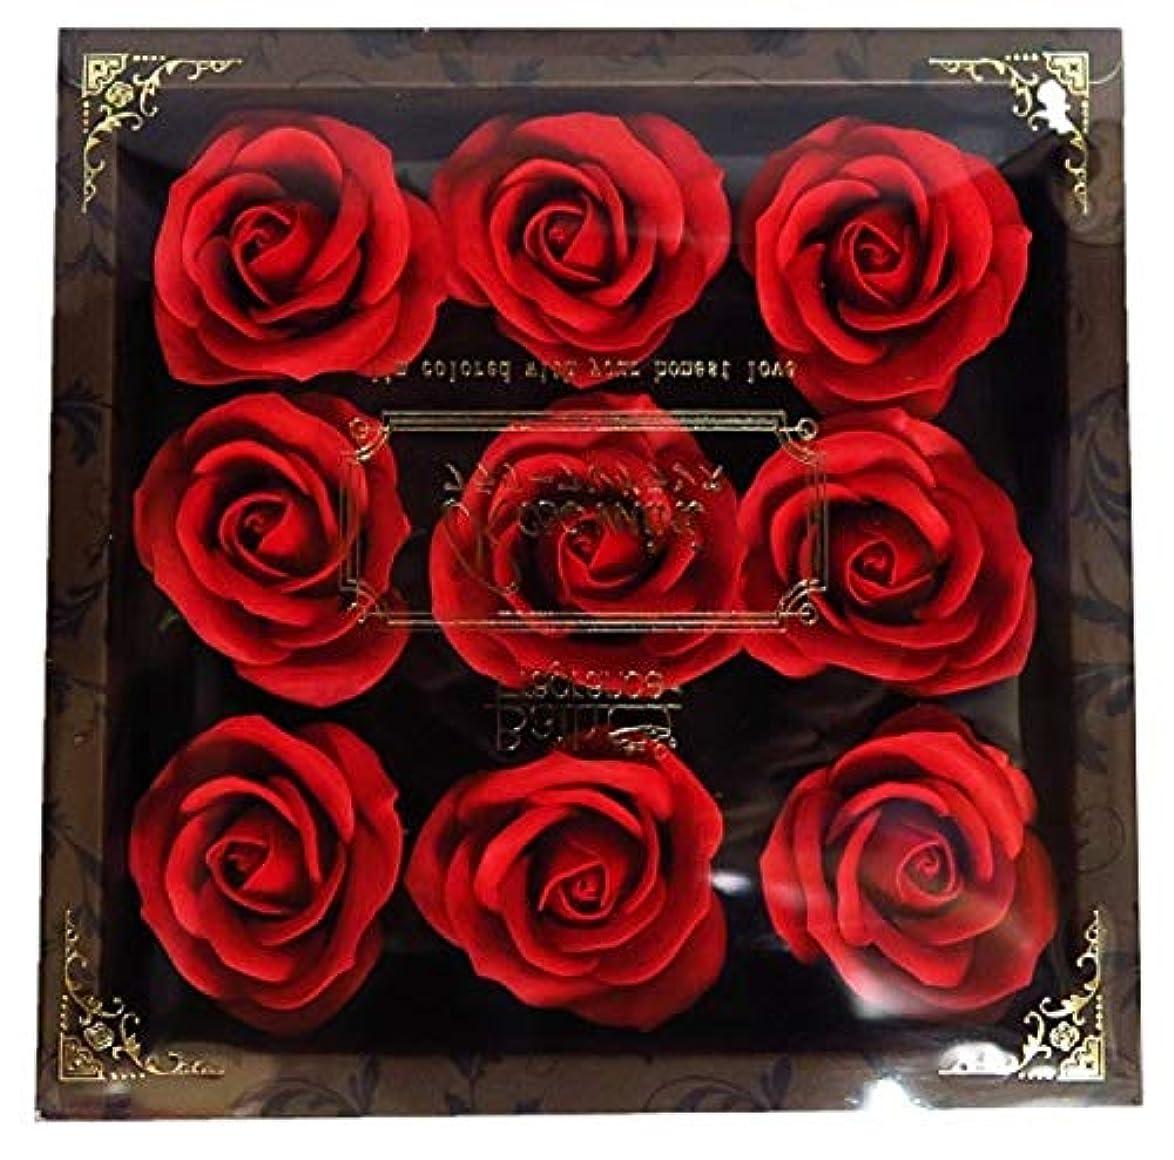 崖柔和太字バスフレグランス フラワーフレグランス ミニローズフレグランス(L)レッド ギフト お花の形の入浴剤 プレゼント ばら